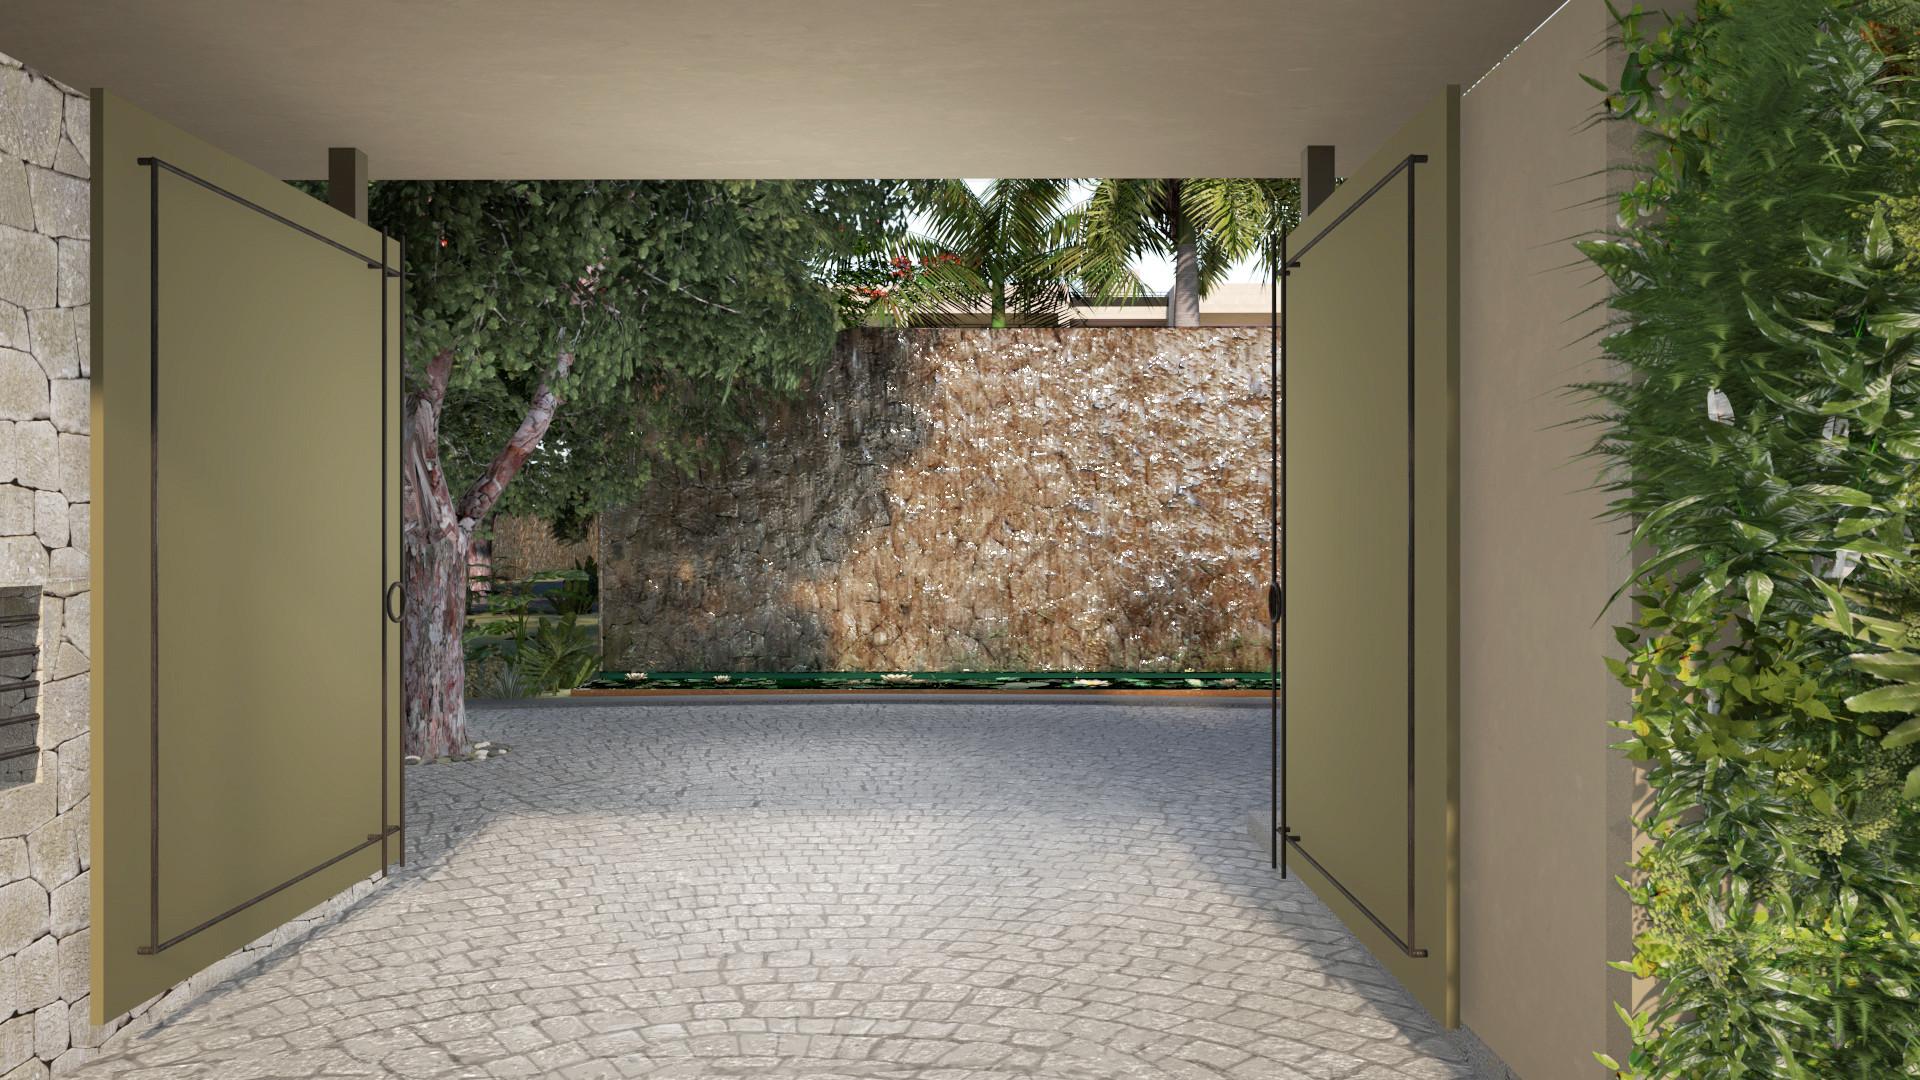 04 Muro llorón HD.jpg